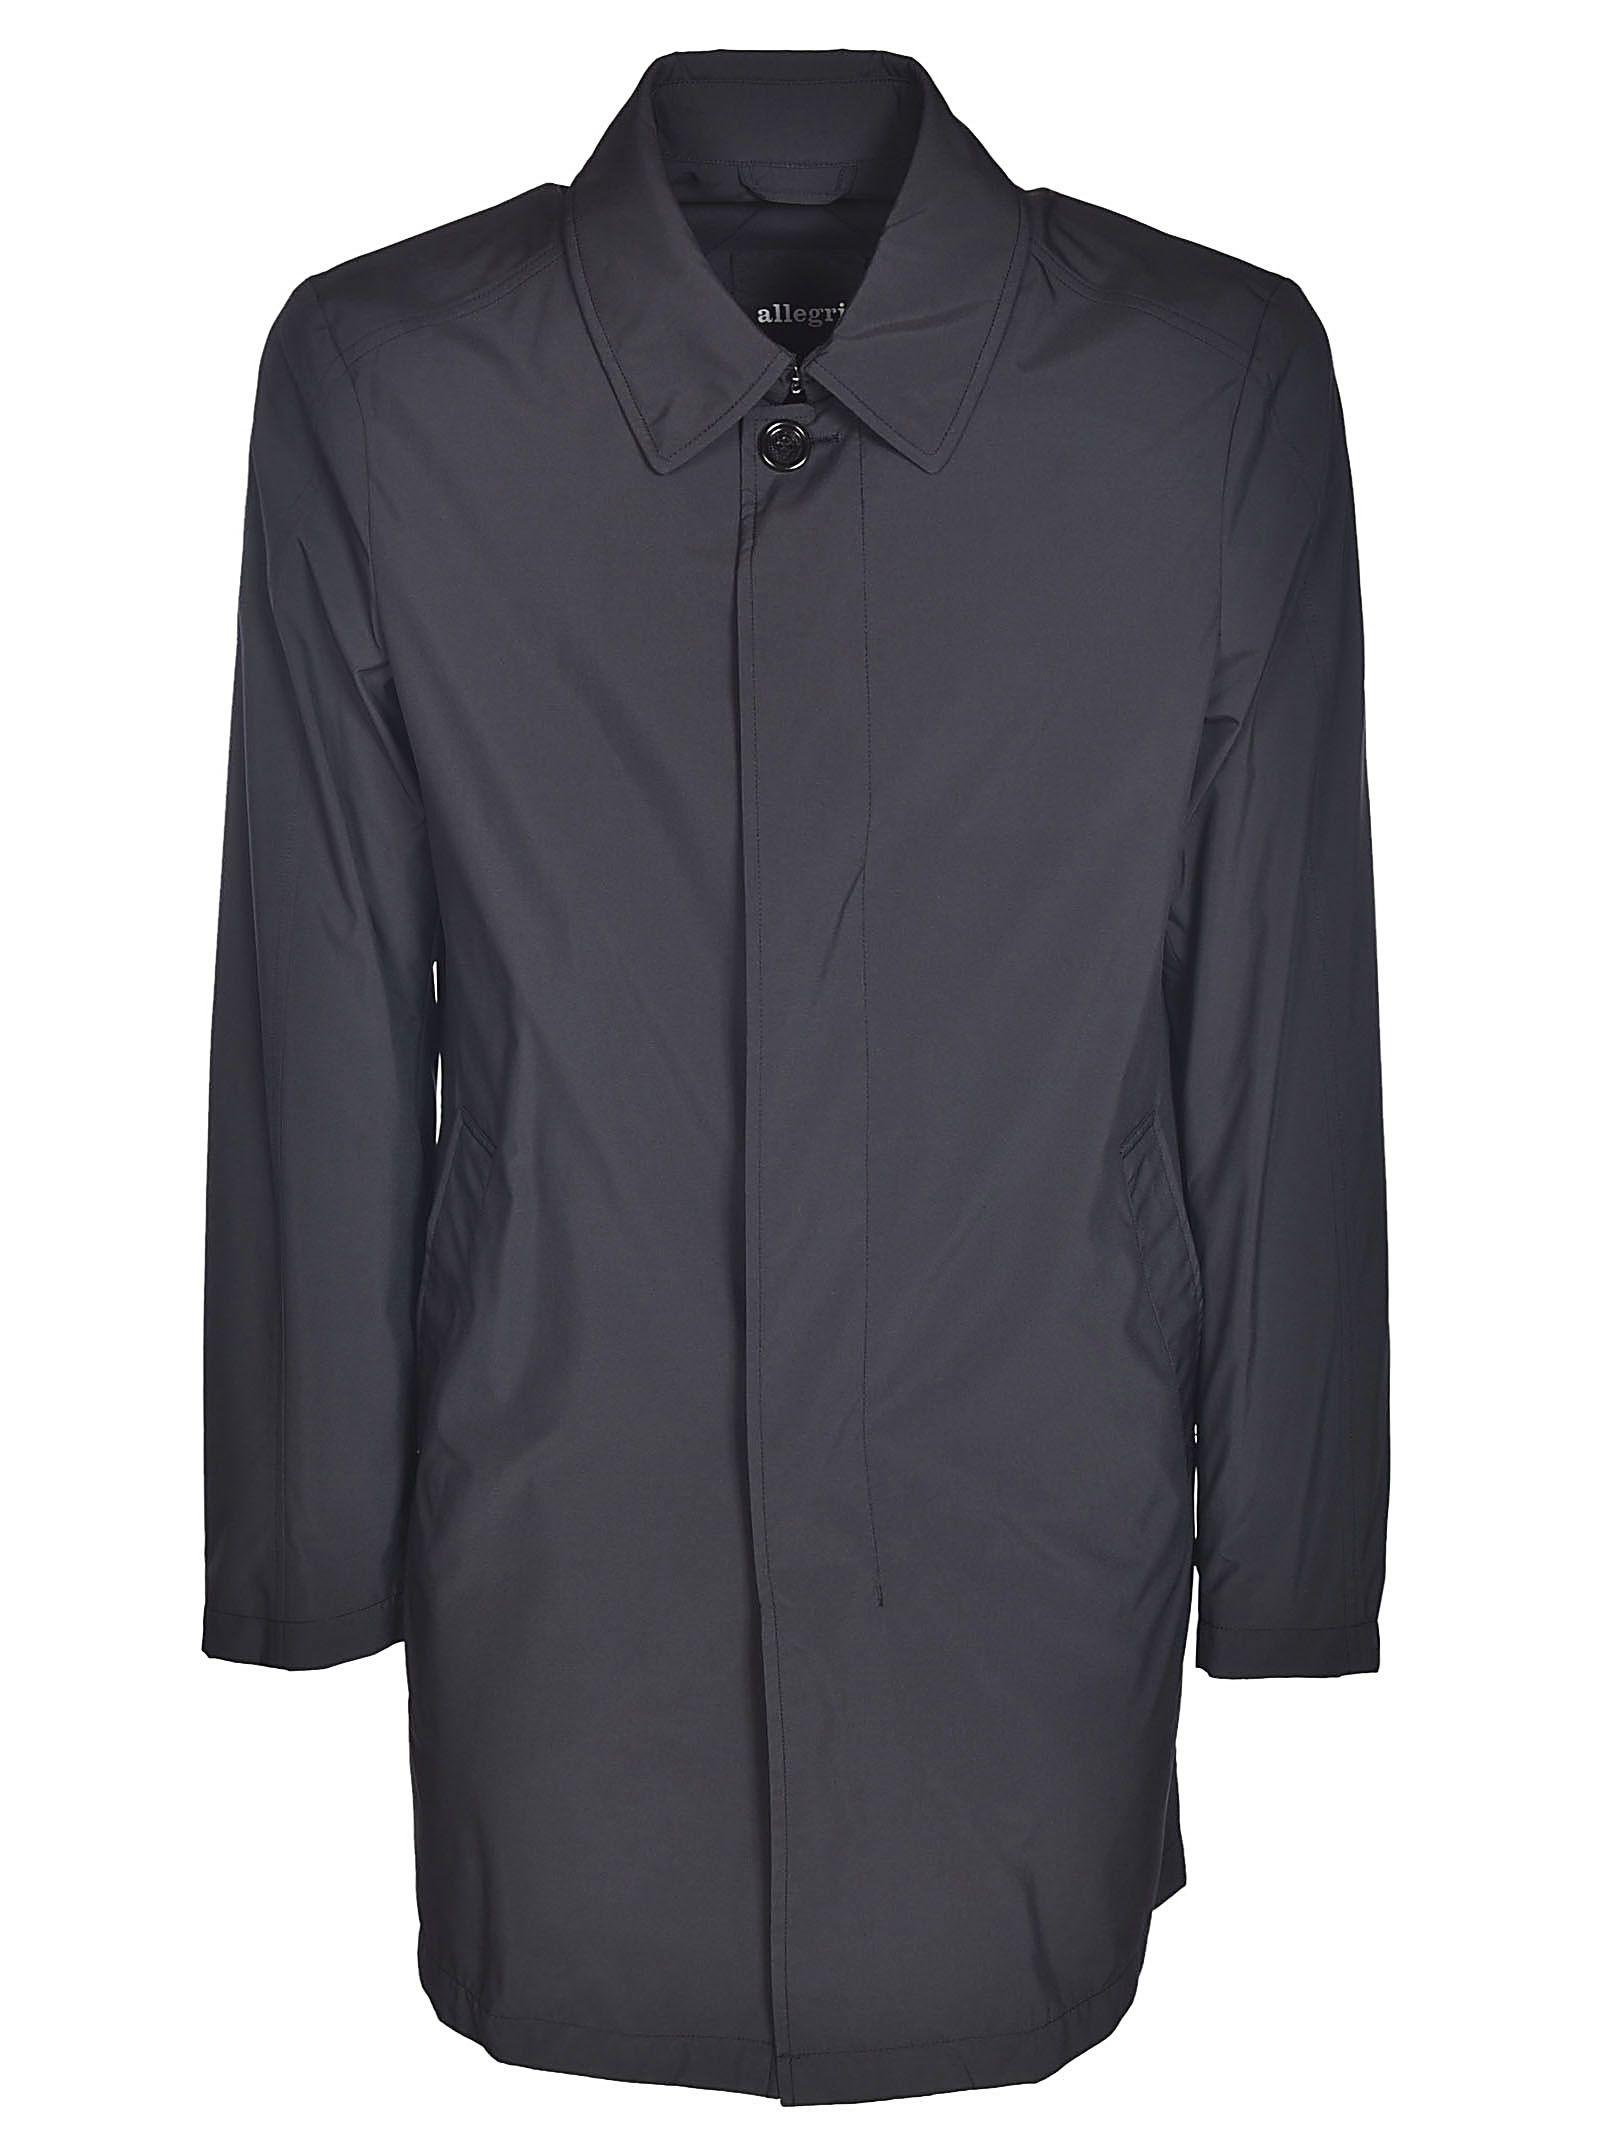 ALLEGRI Classic Coat in Black